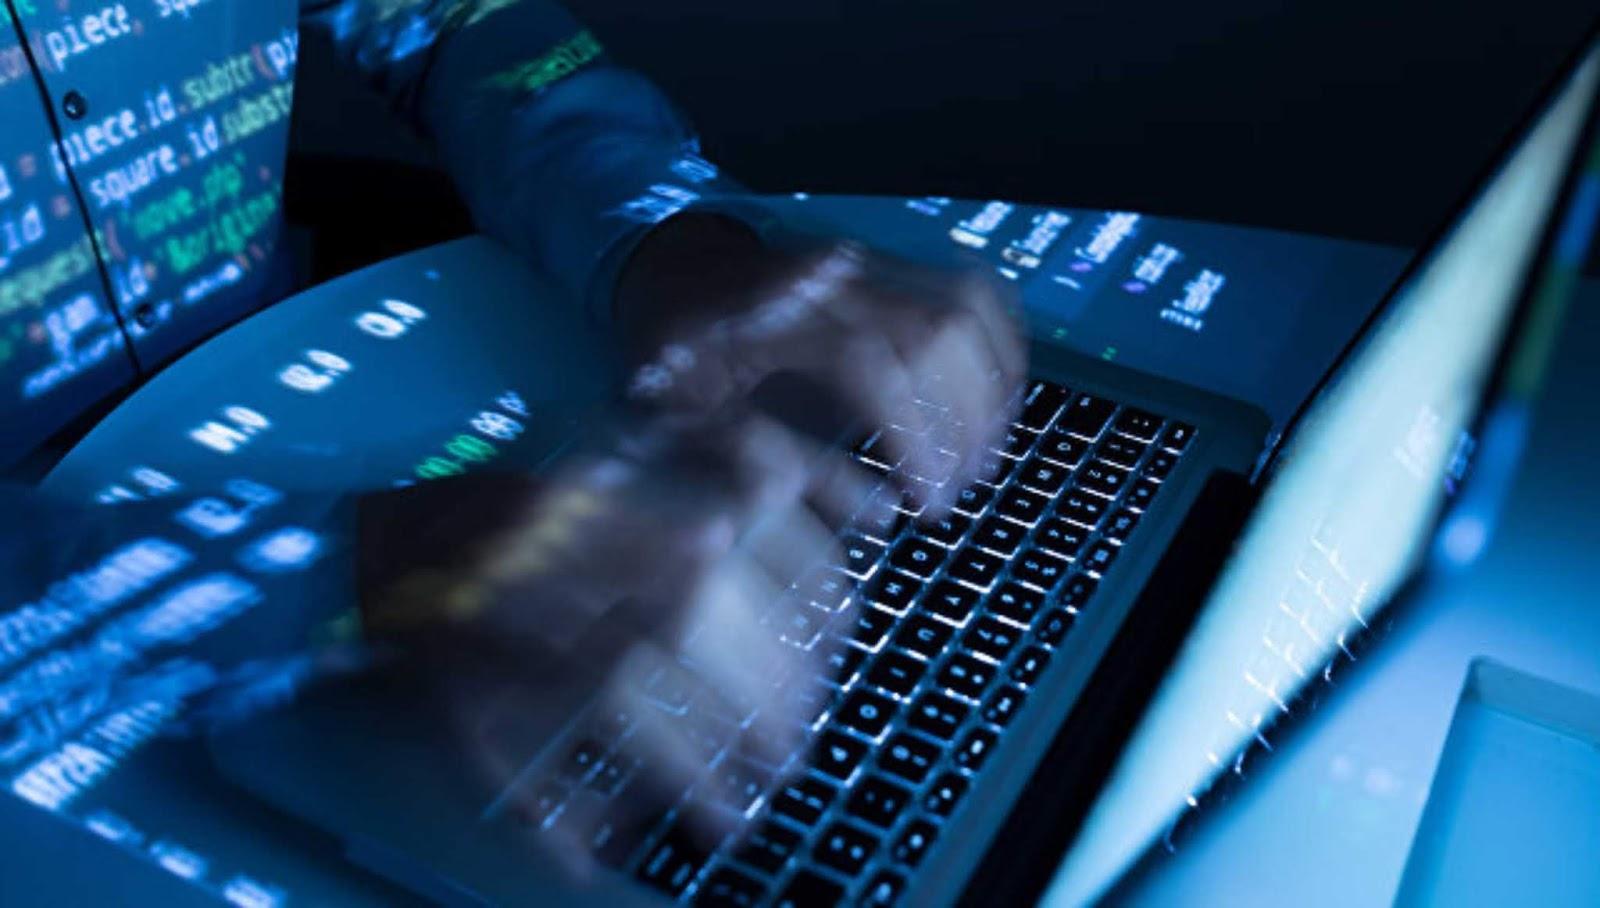 Belgia mengkonfirmasi peretasan oleh dinas intelijen Inggris dari operator telekomunikasi nasional